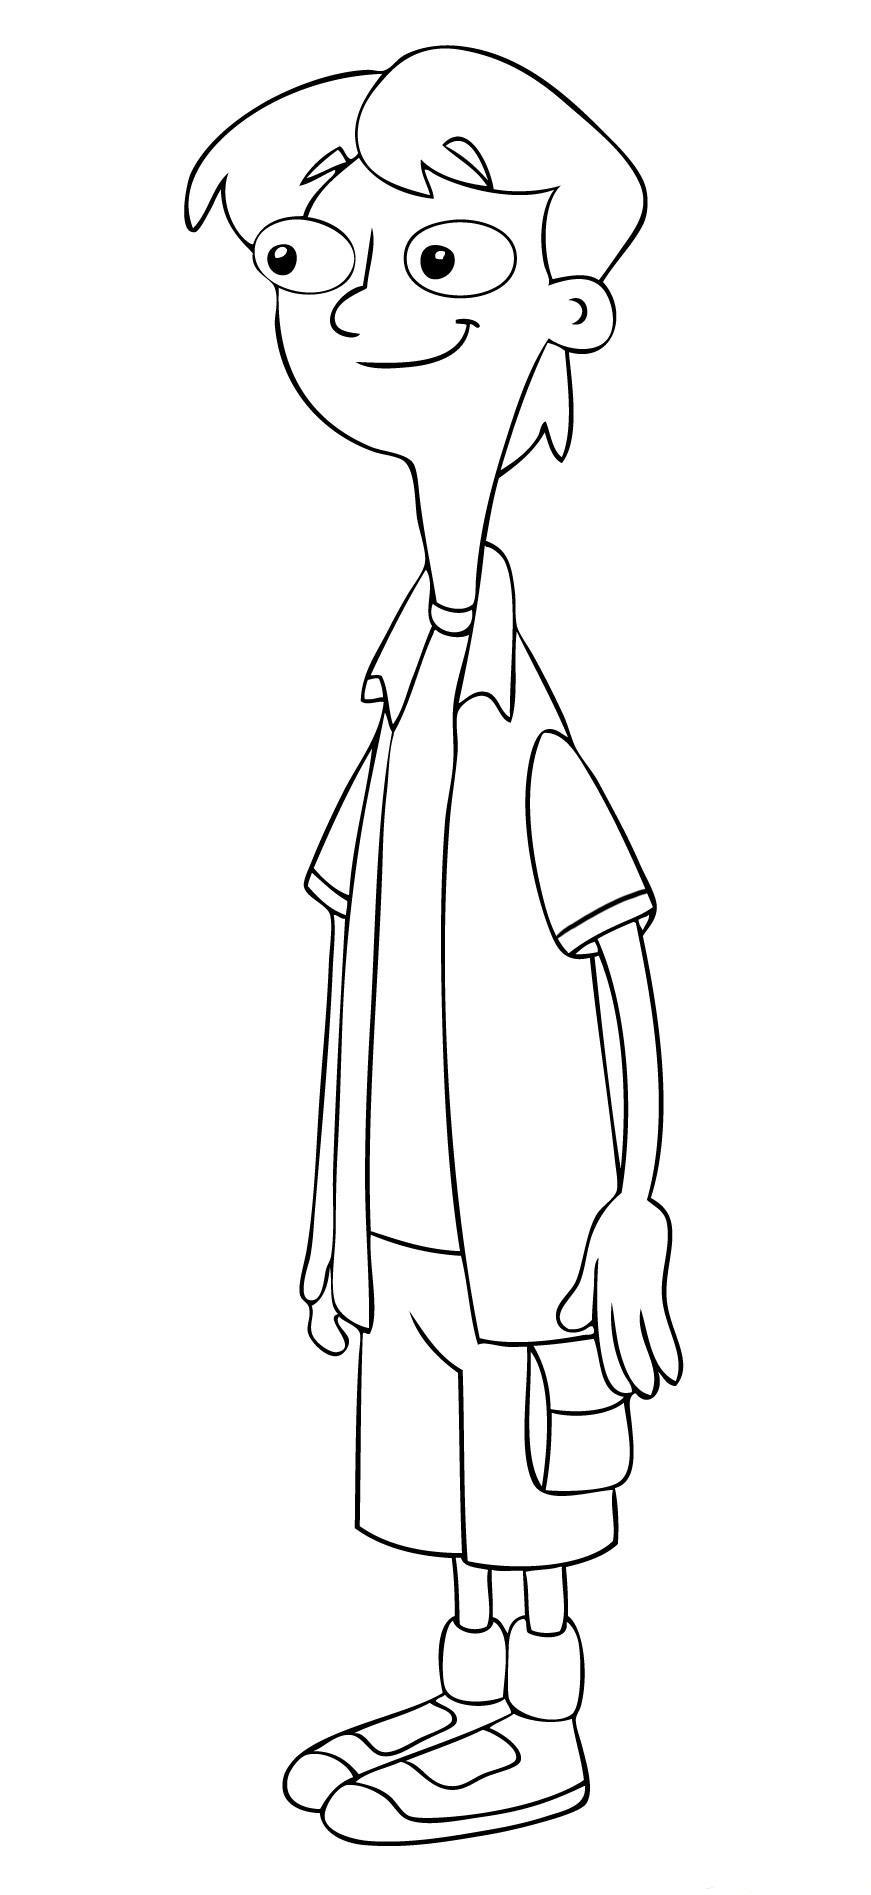 Phineas und ferb ausmalbilder